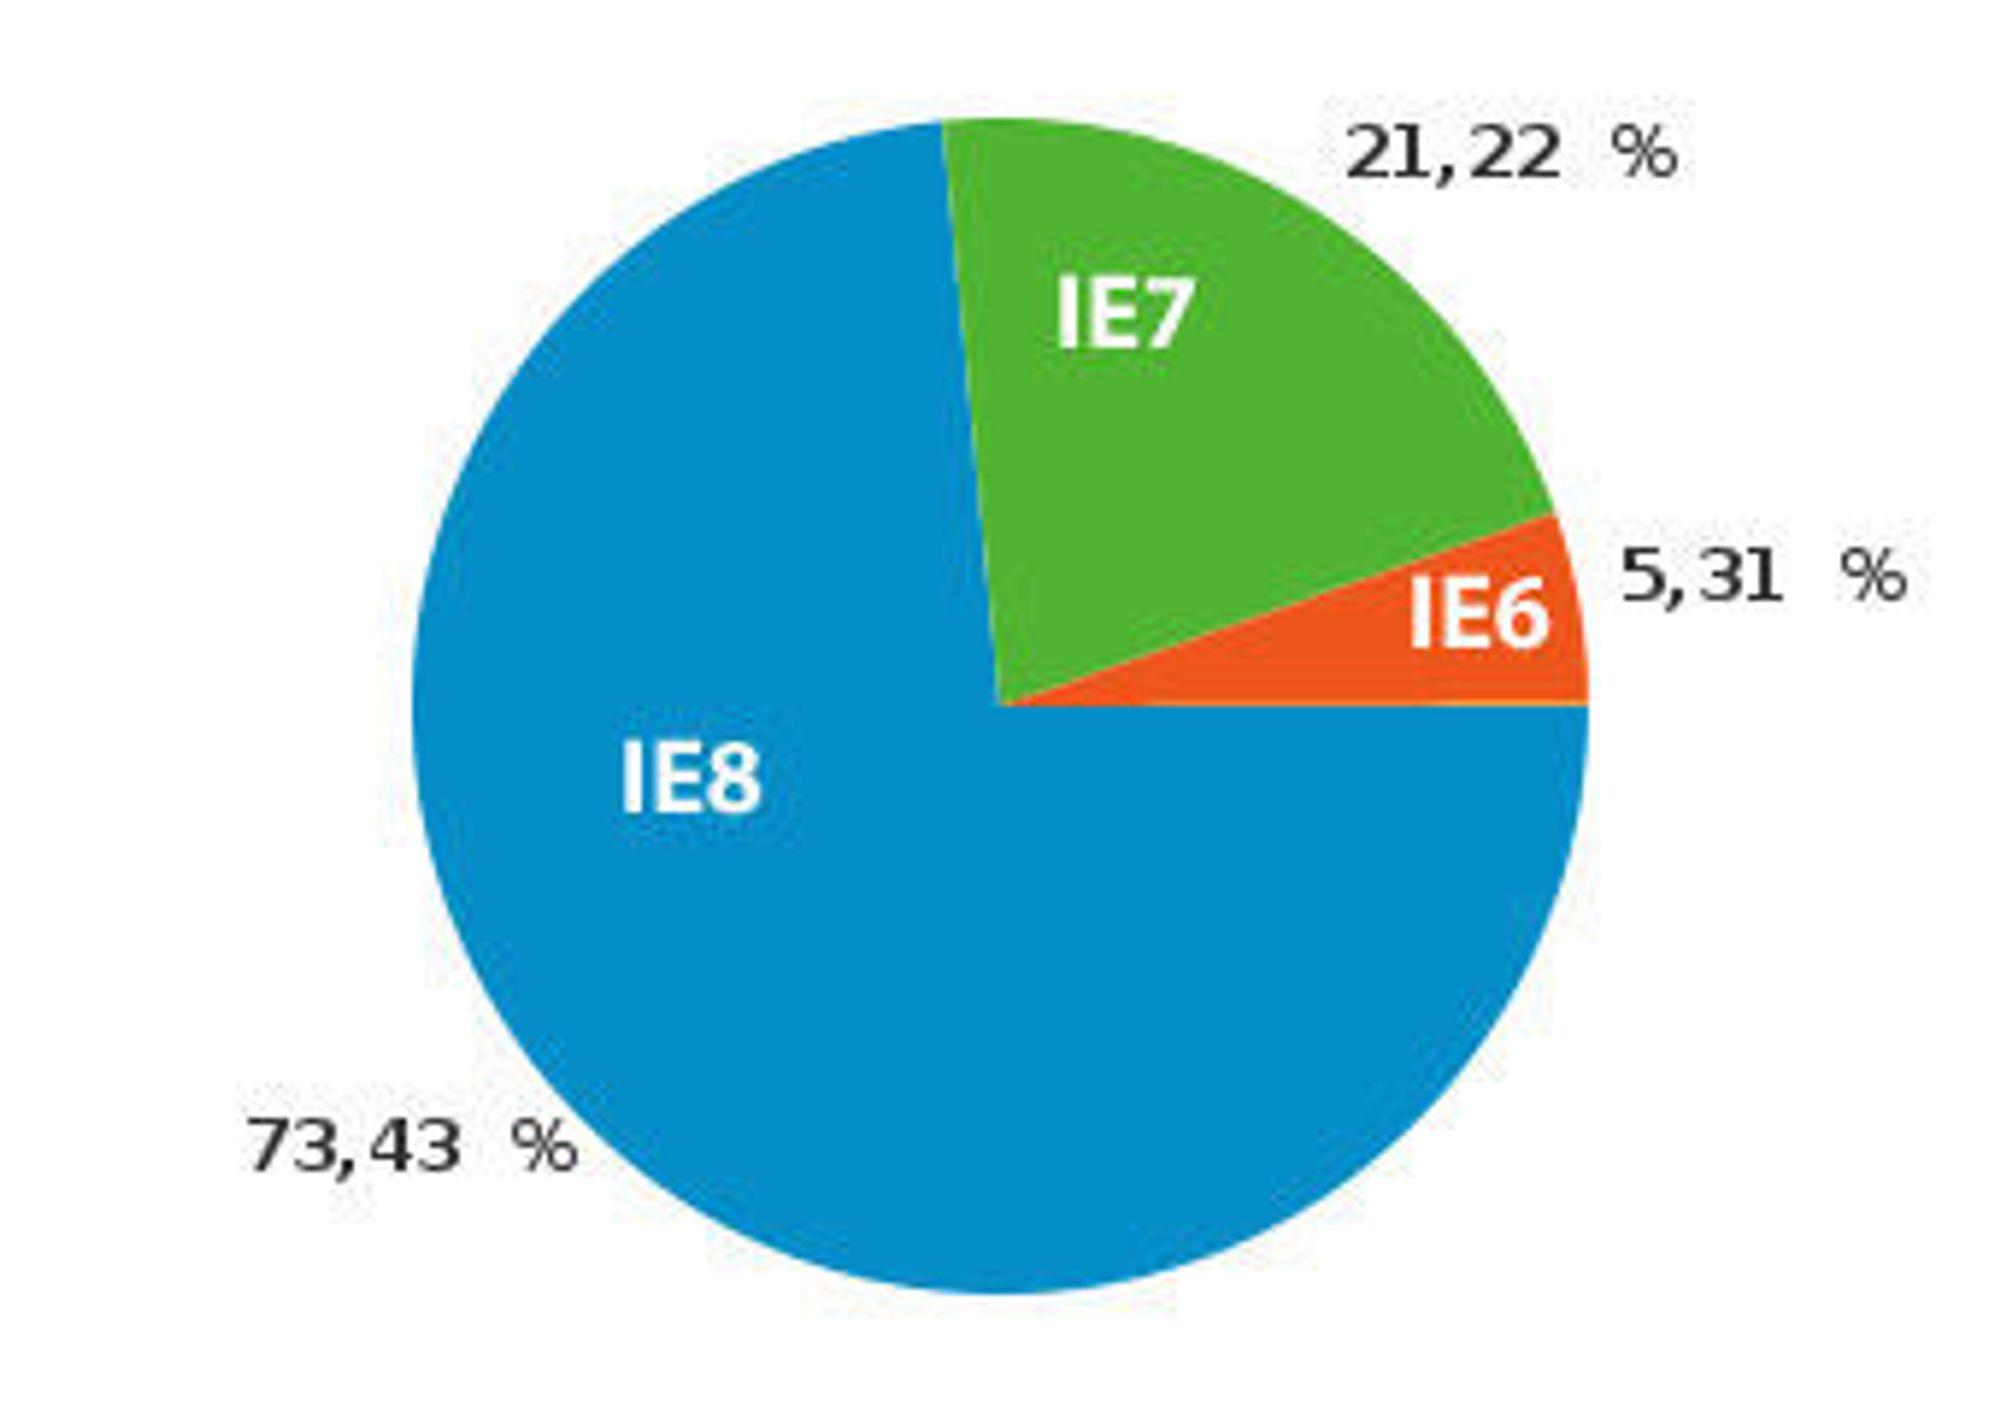 Andelen til ulike IE-versjoner blant IE-brukerne i mai 2010 på digi.no ifølge Google Analytics.